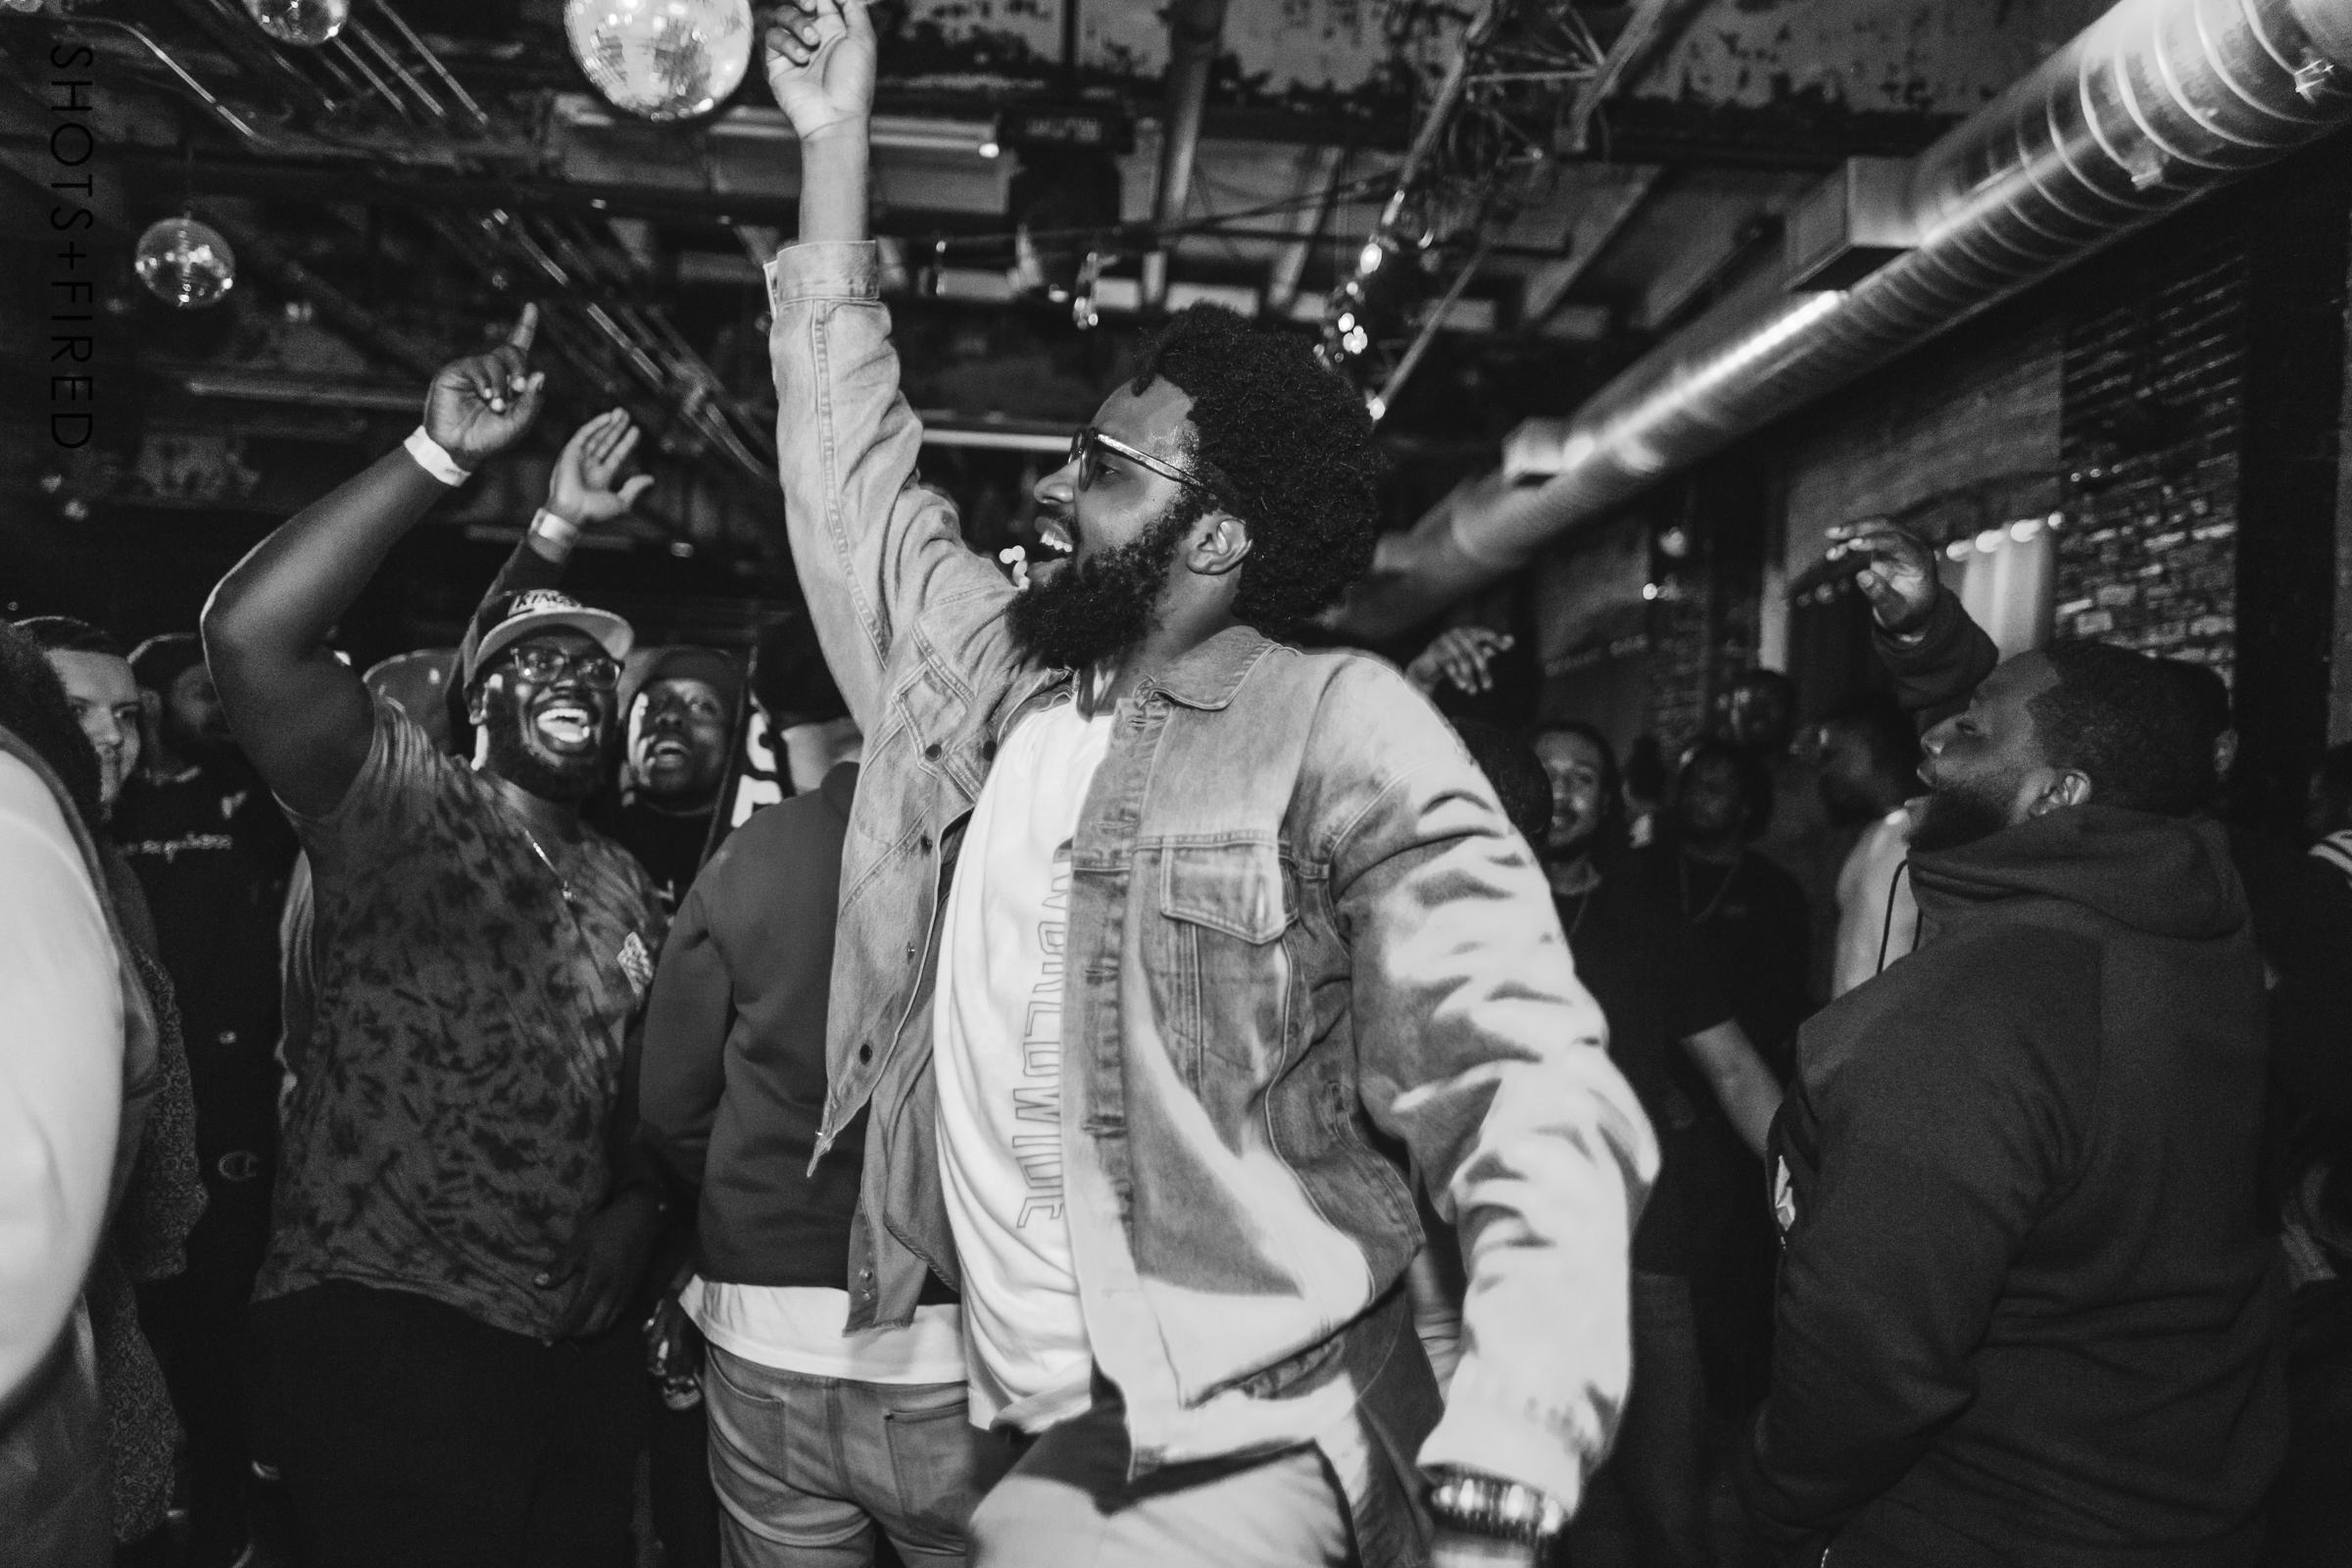 FRIENDS & FAM (PHL) W/ MATTHEW LAW Feat. DJ DJ MOMA Hosted By QUEEN JO @ WAREHOUSE ON WATTS (March 2019) // Presented By Matthew Law //